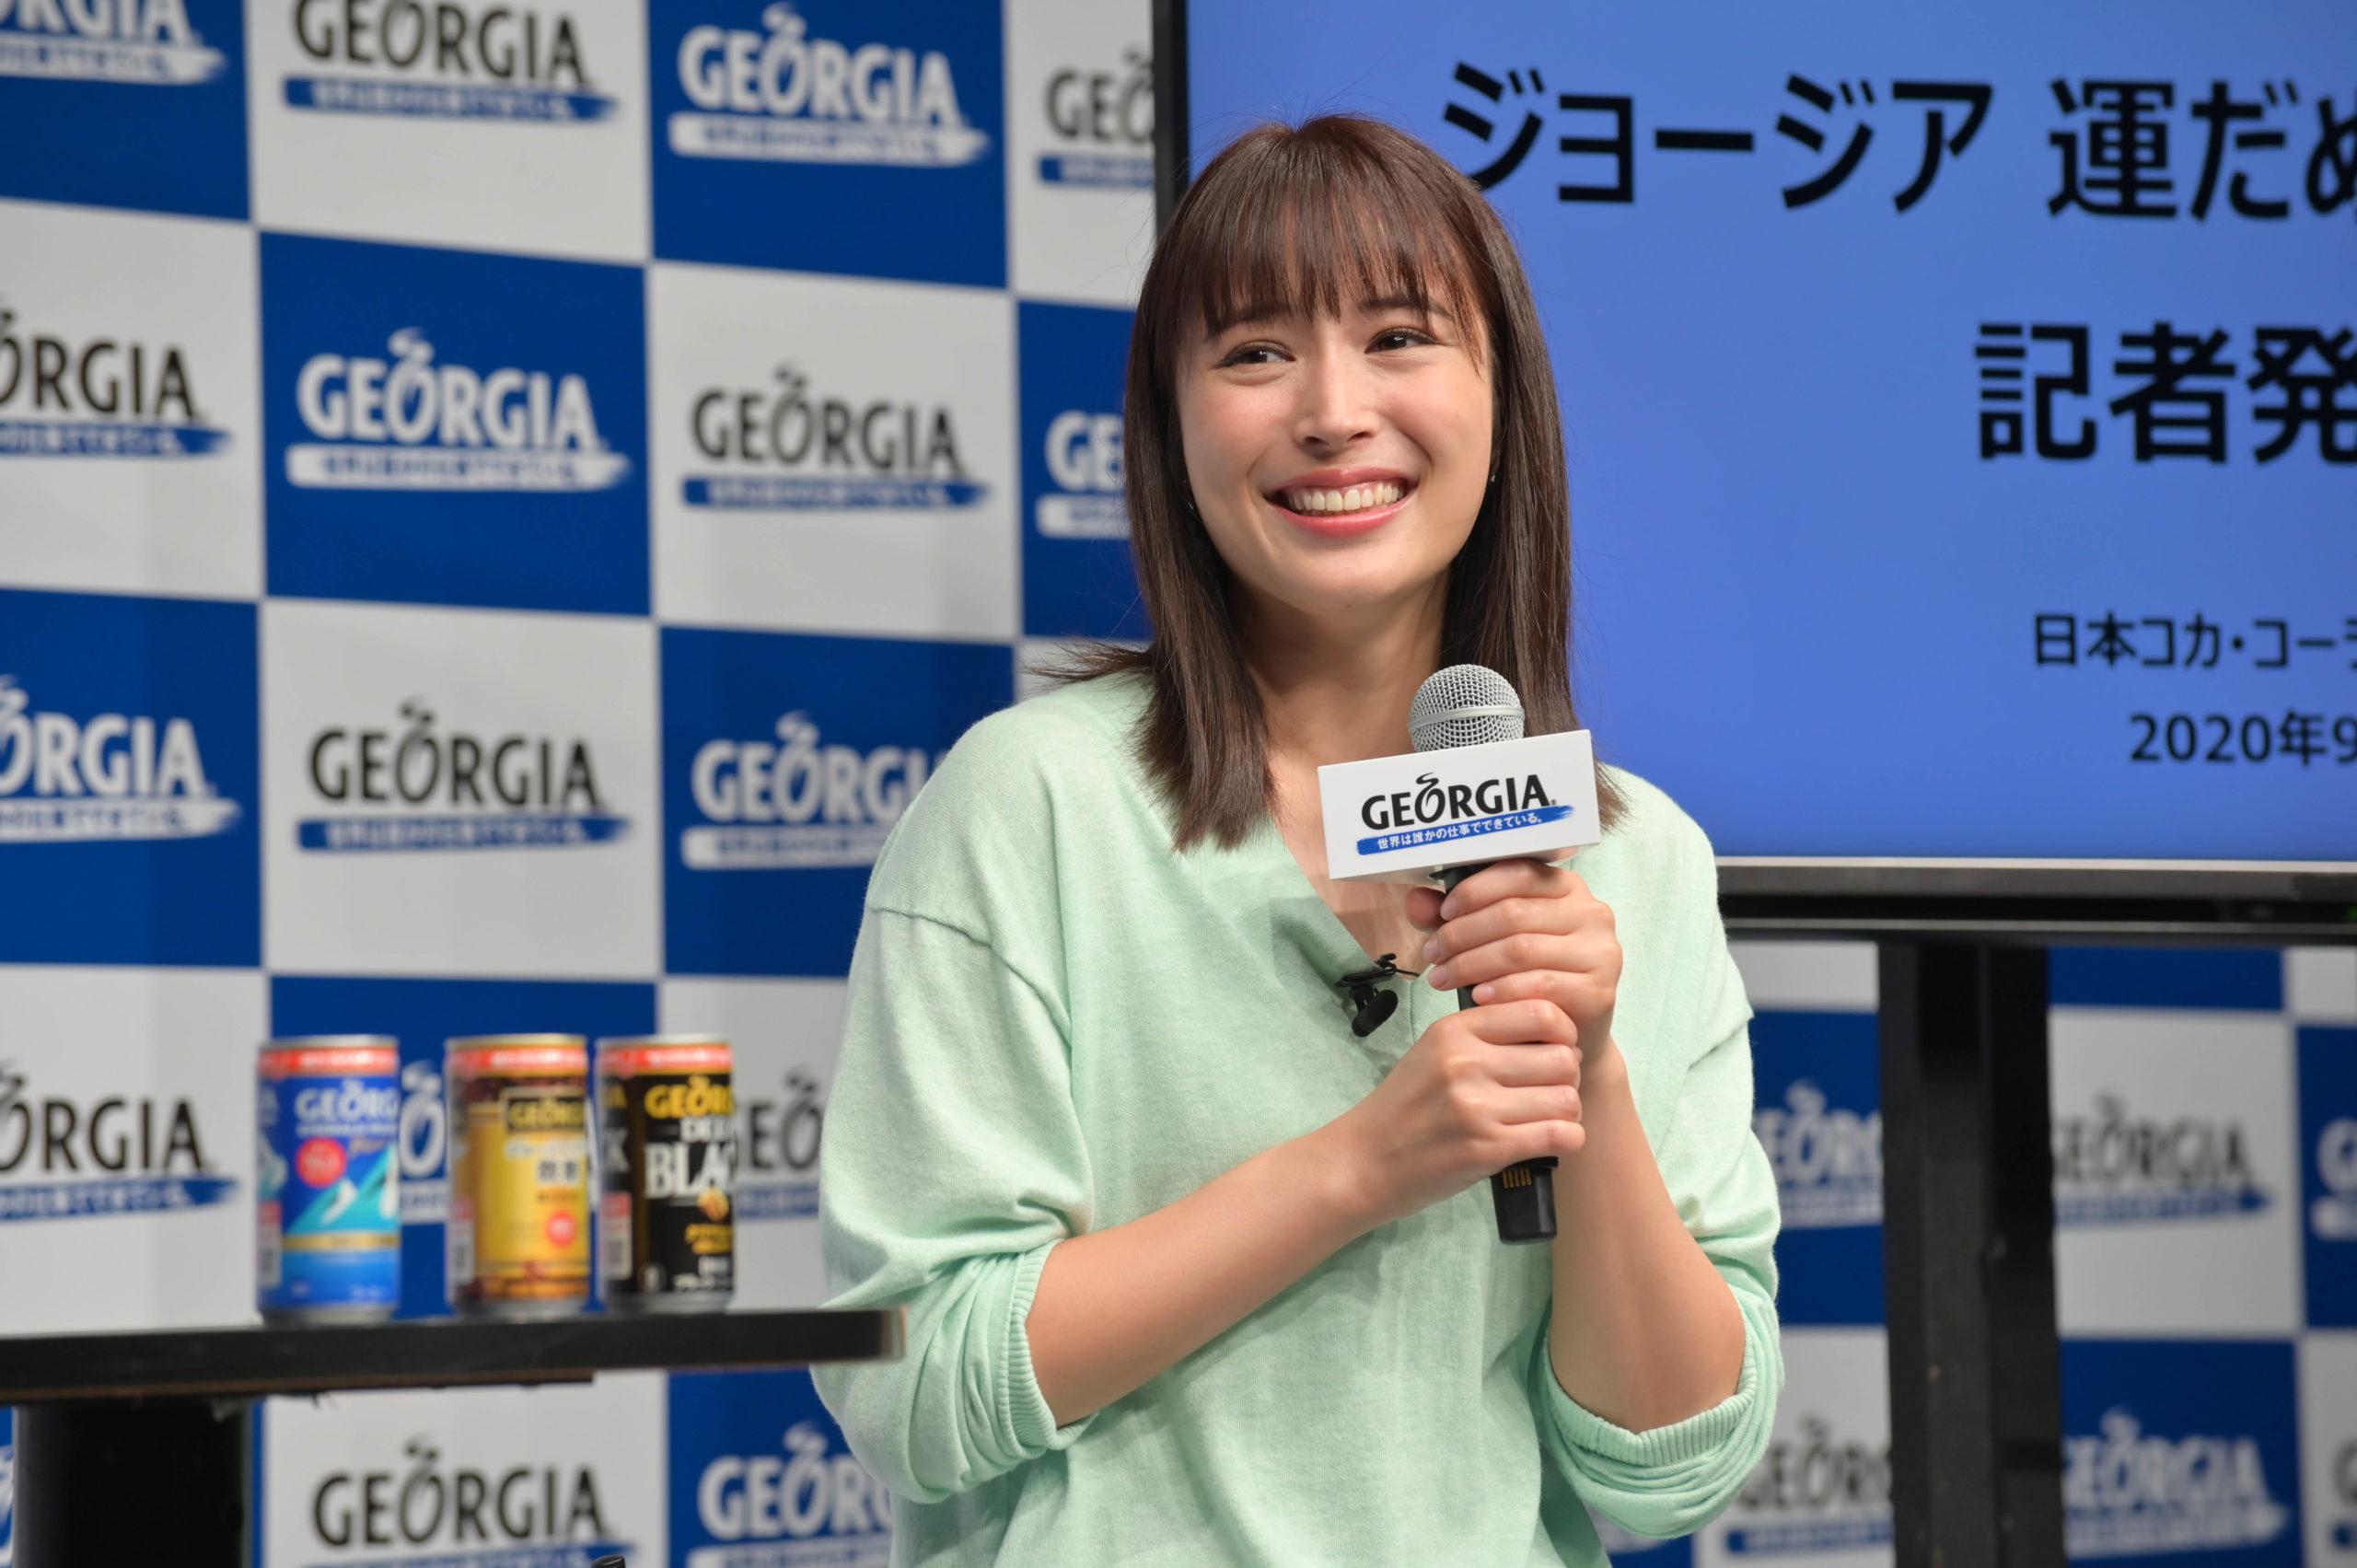 """広瀬アリス/2020年9月7日、時事通信ホールにてオンラインで開催された、日本コカ・コーラの「ジョージア """"運だめし""""キャンペーン 記者発表会」にて。"""